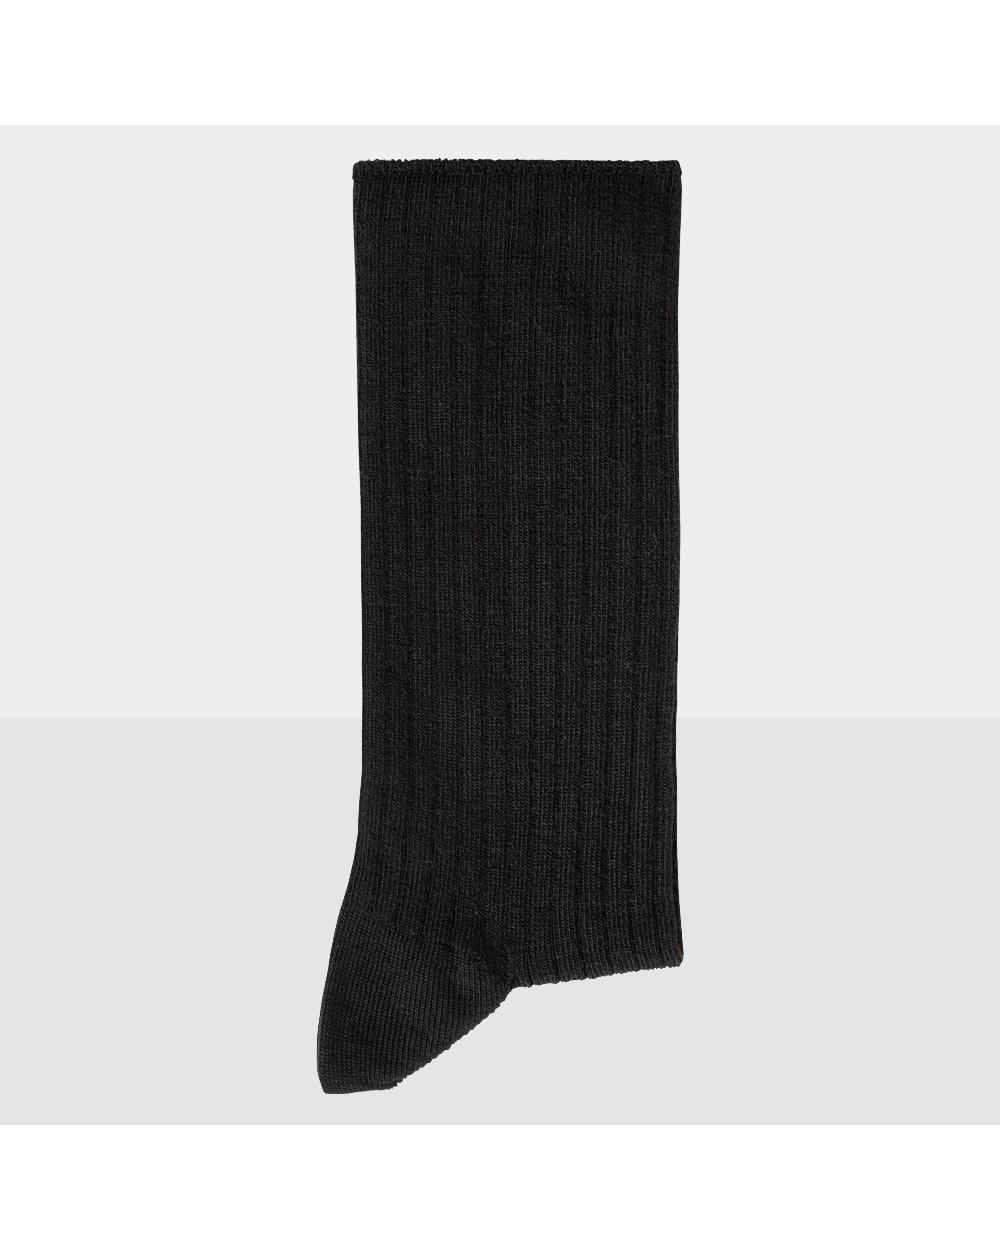 Chaussettes chaudes laine